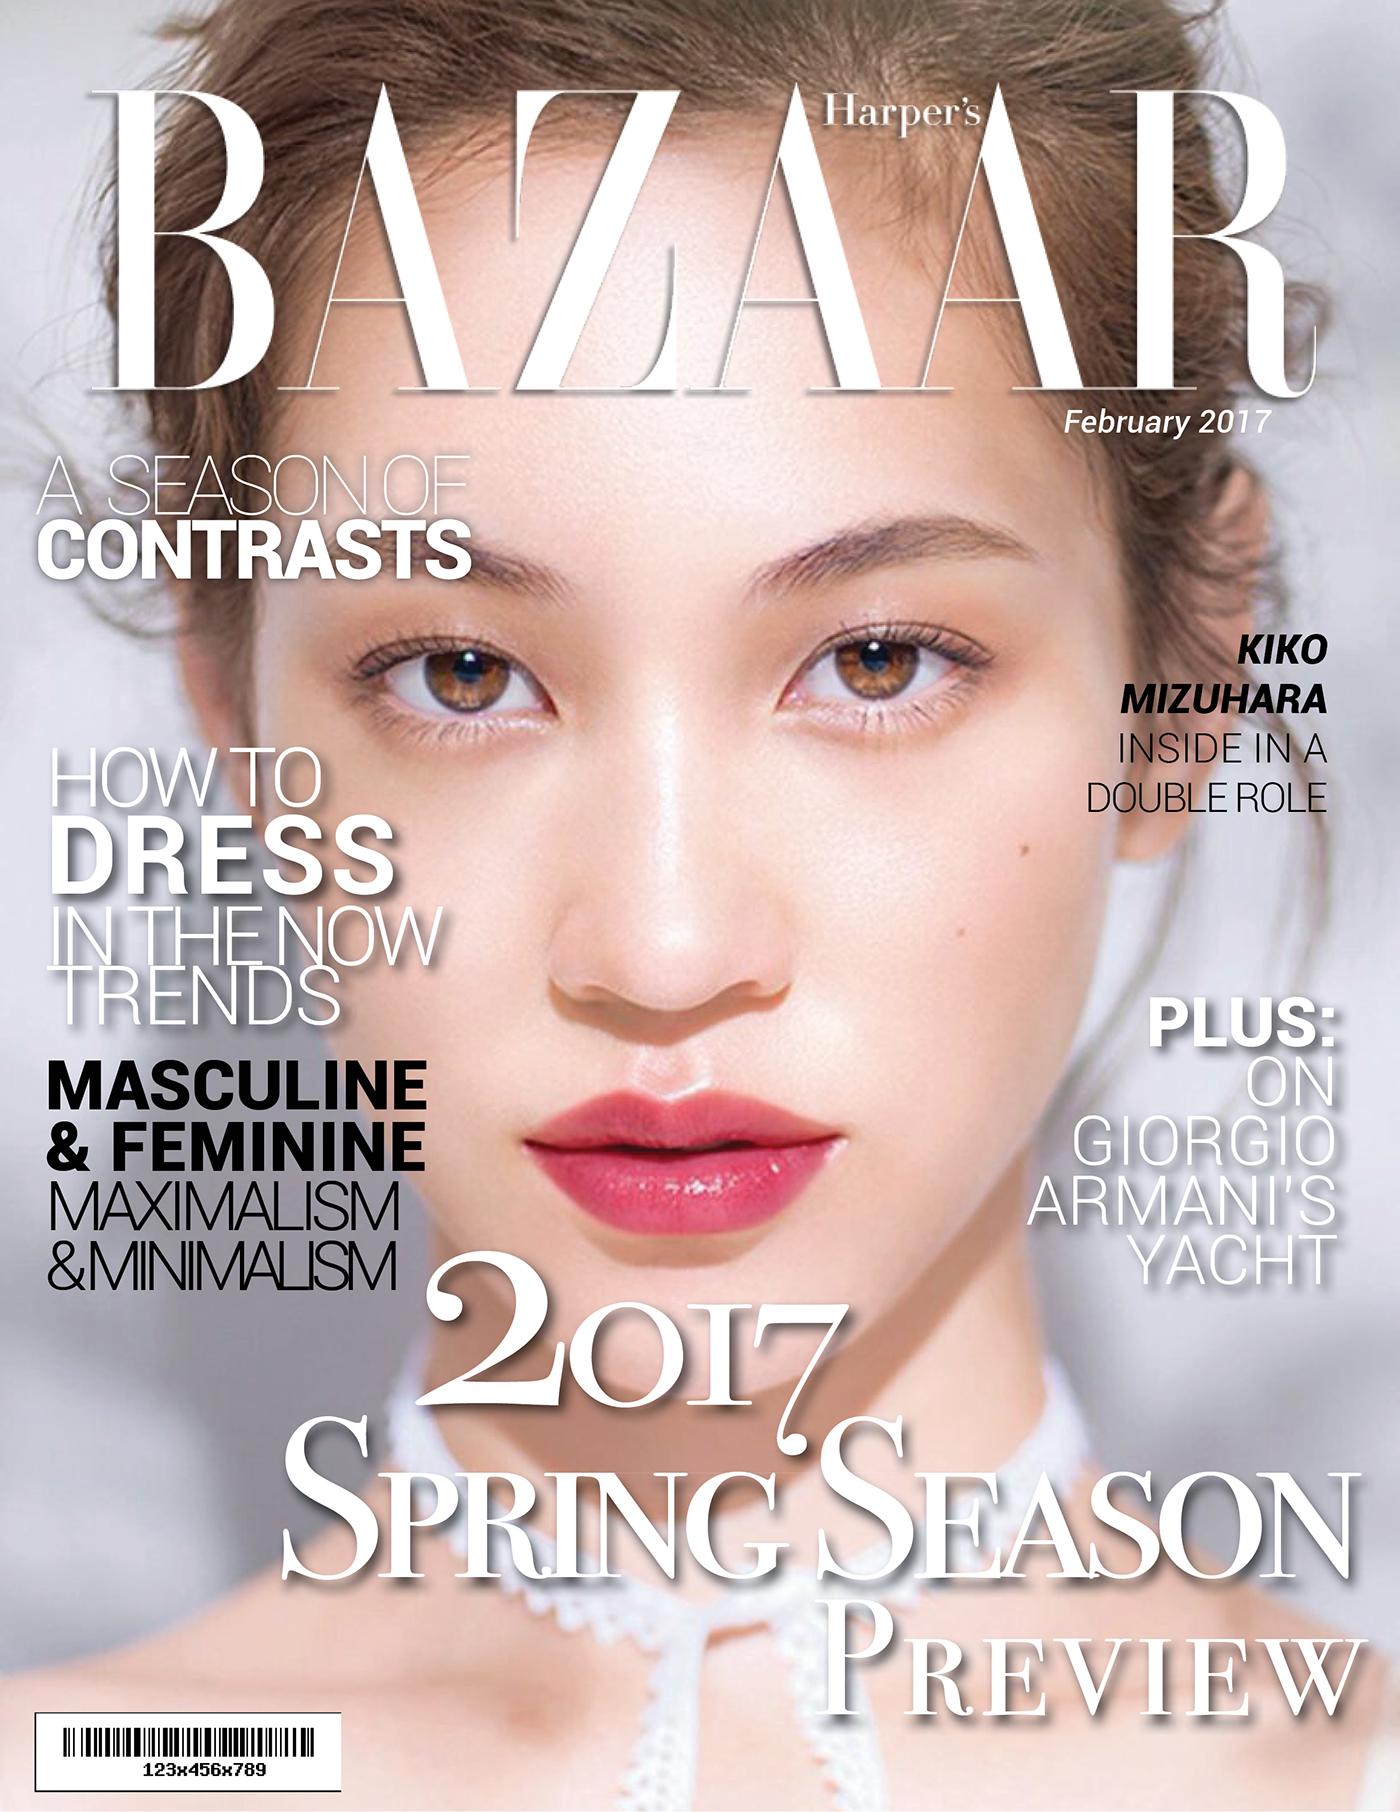 有美感的22個時尚雜誌封面欣賞